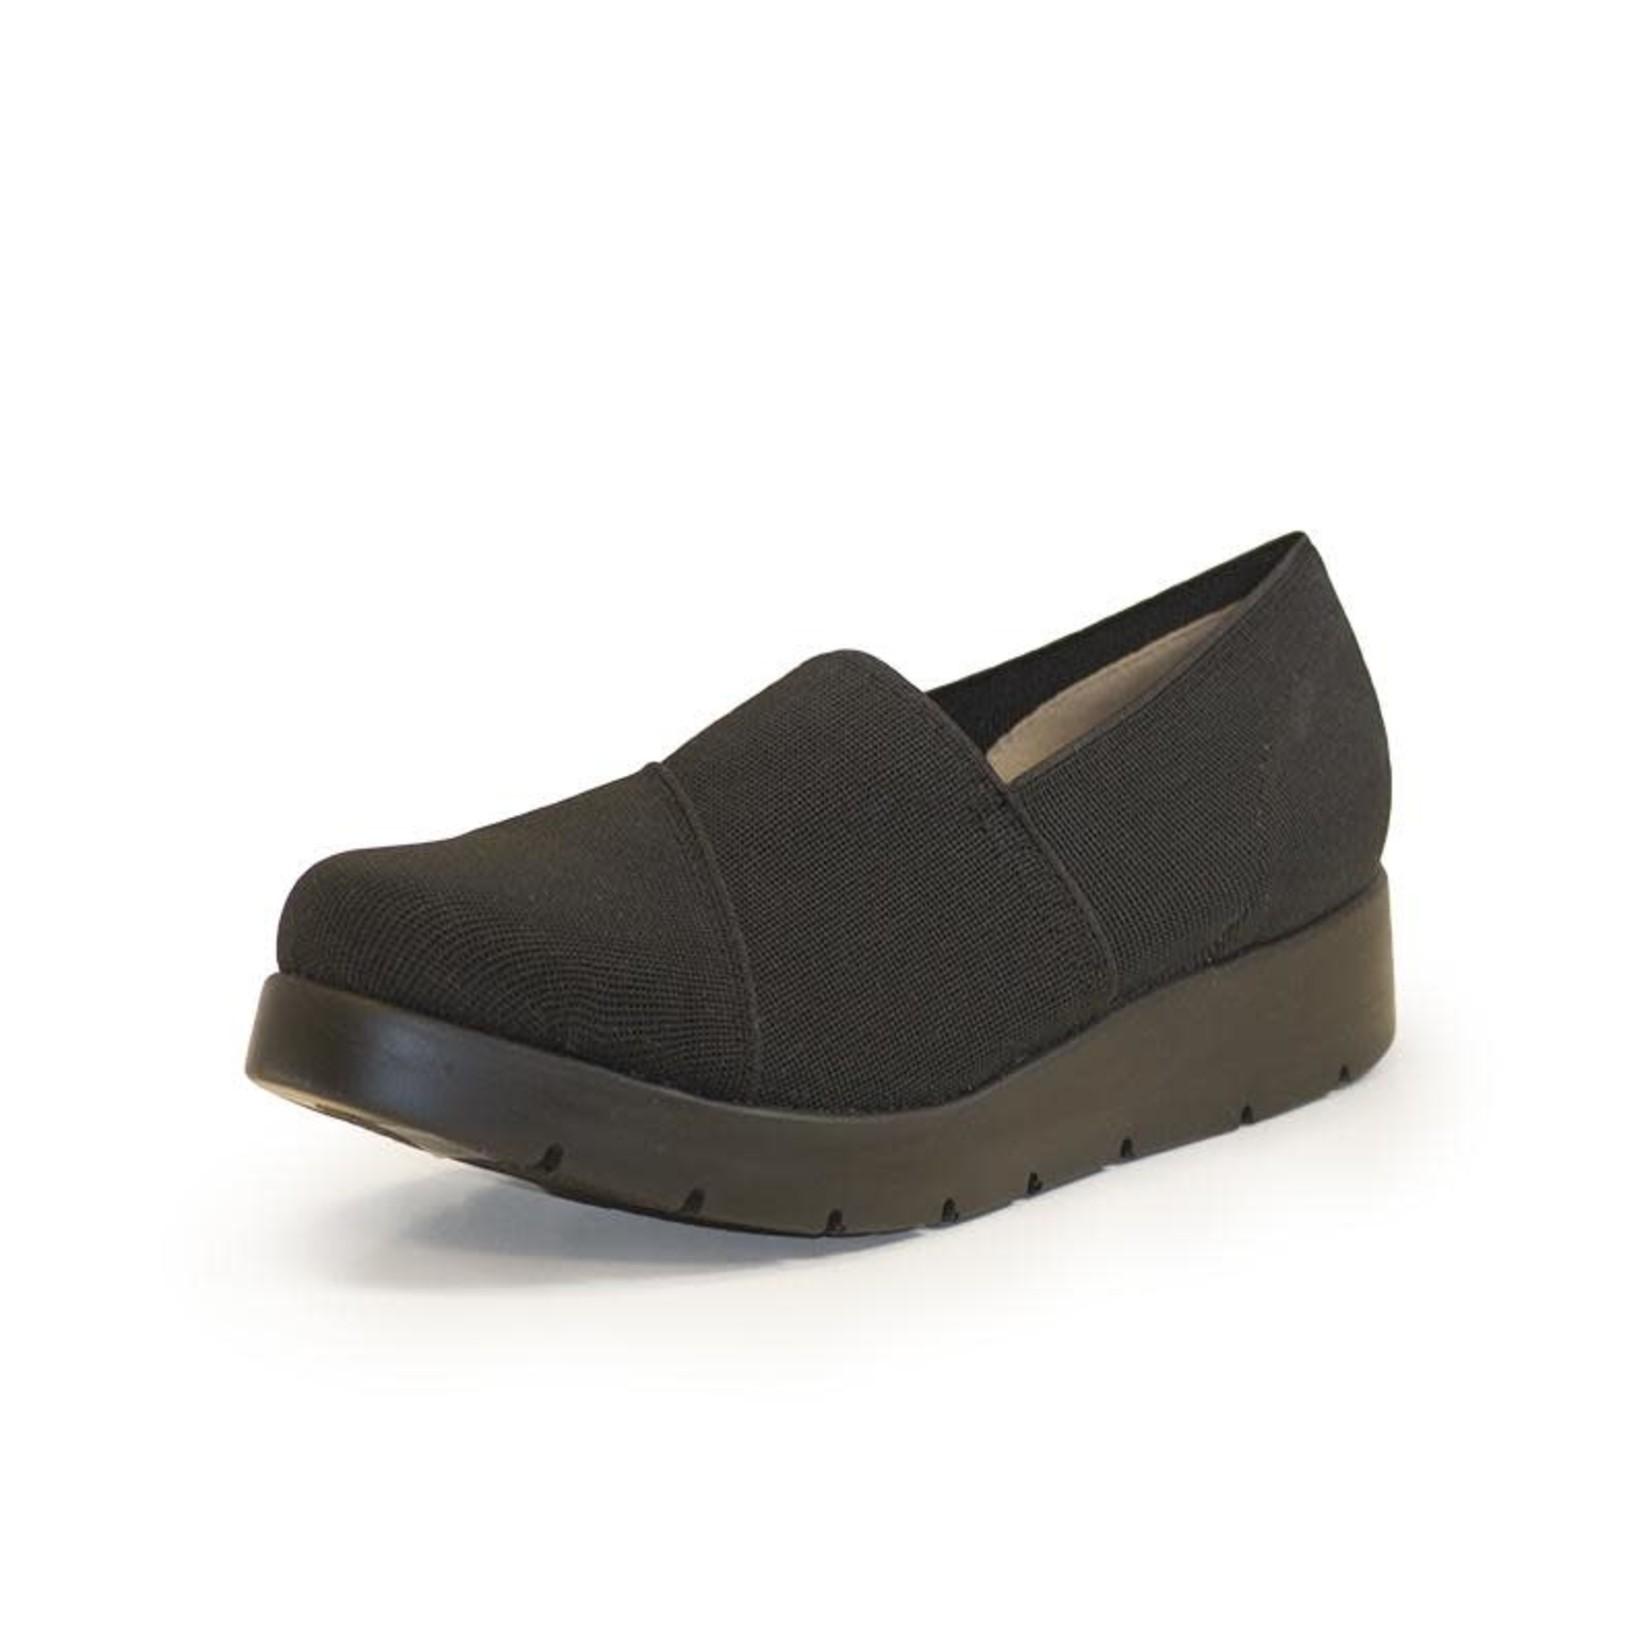 Milly Shoe in Black 8